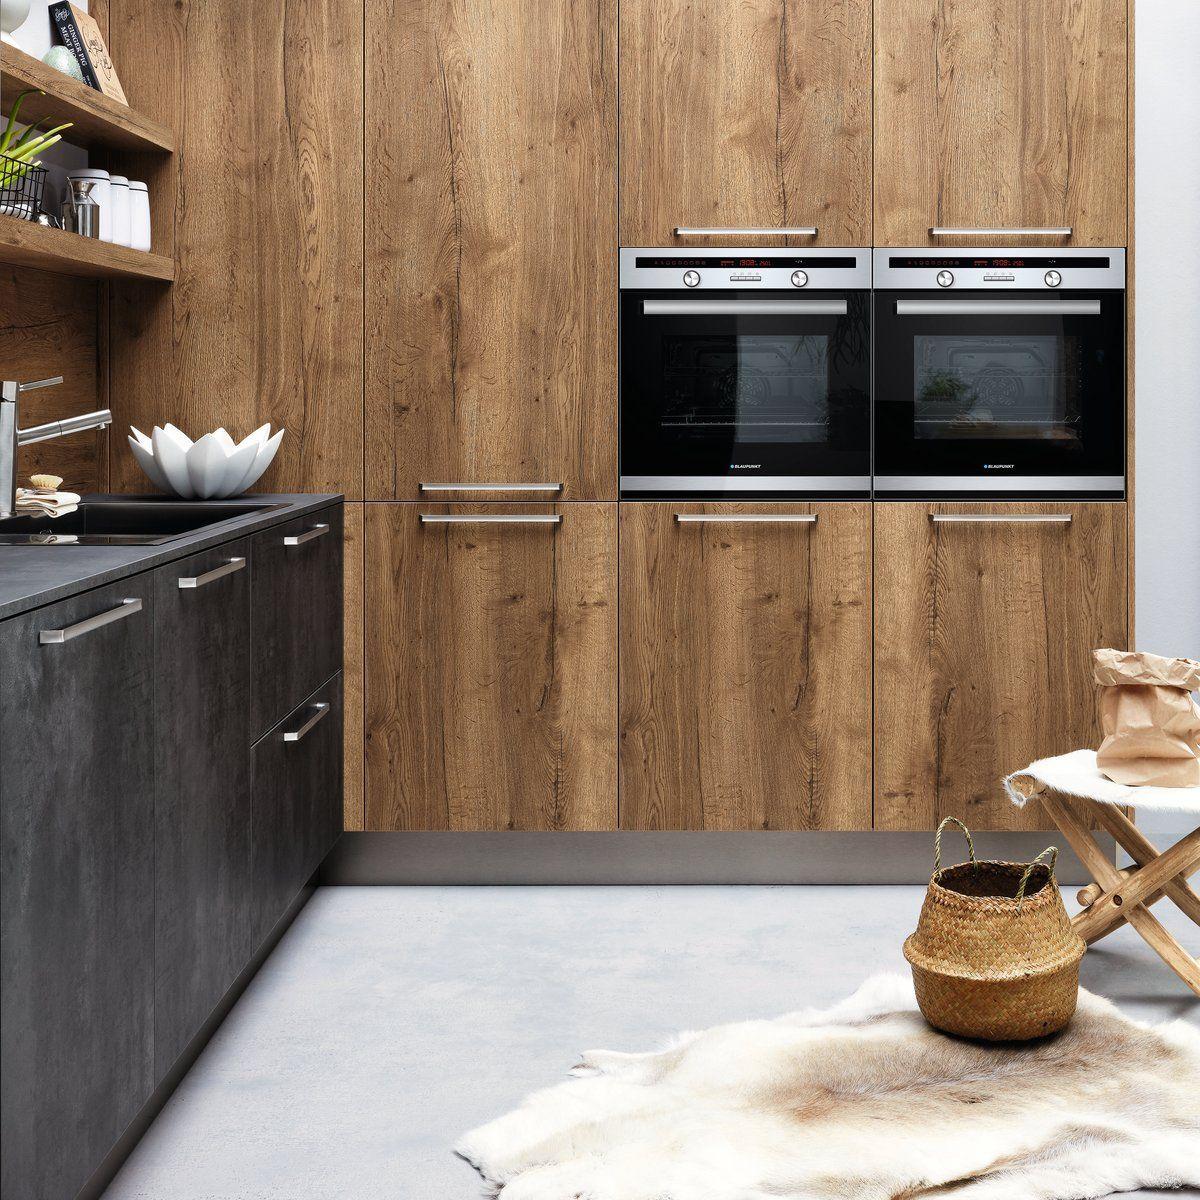 Kuchen Zubehor Und Elektrogerate Von Kuche Co Kuche Co In 2020 Mit Bildern Hacker Kuchen Moderne Kuche Kuche Eiche